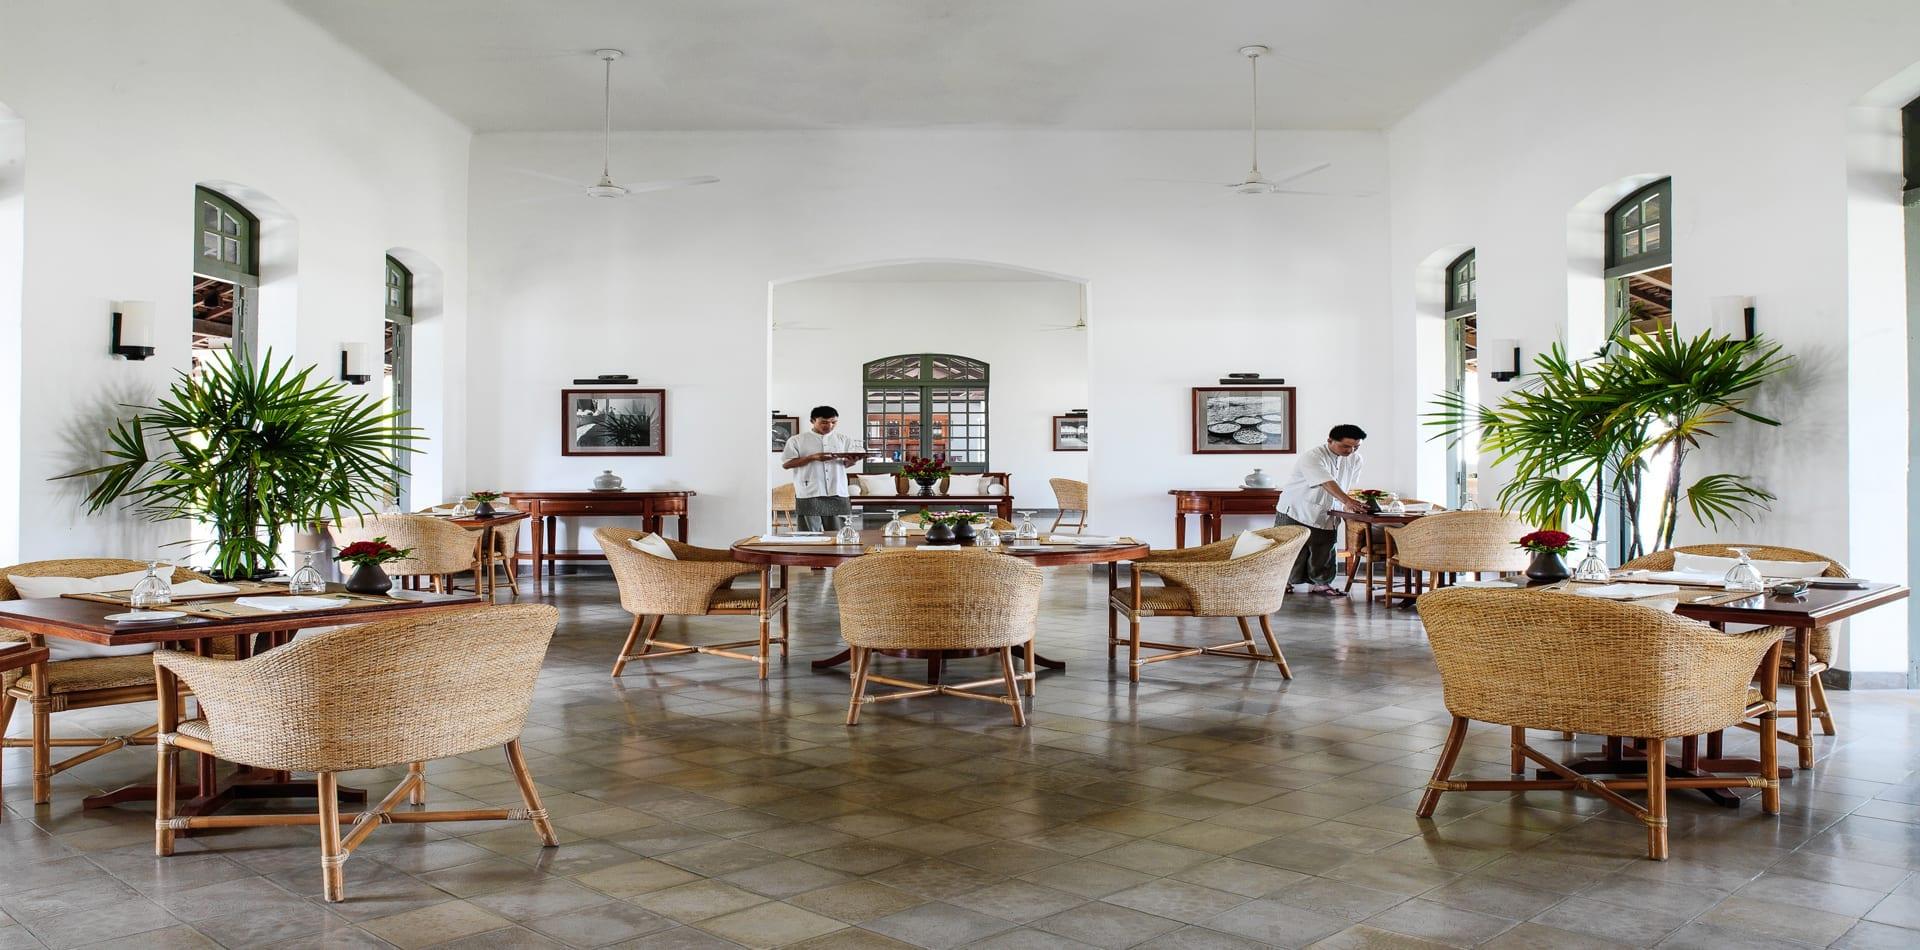 dining room amantaka laos